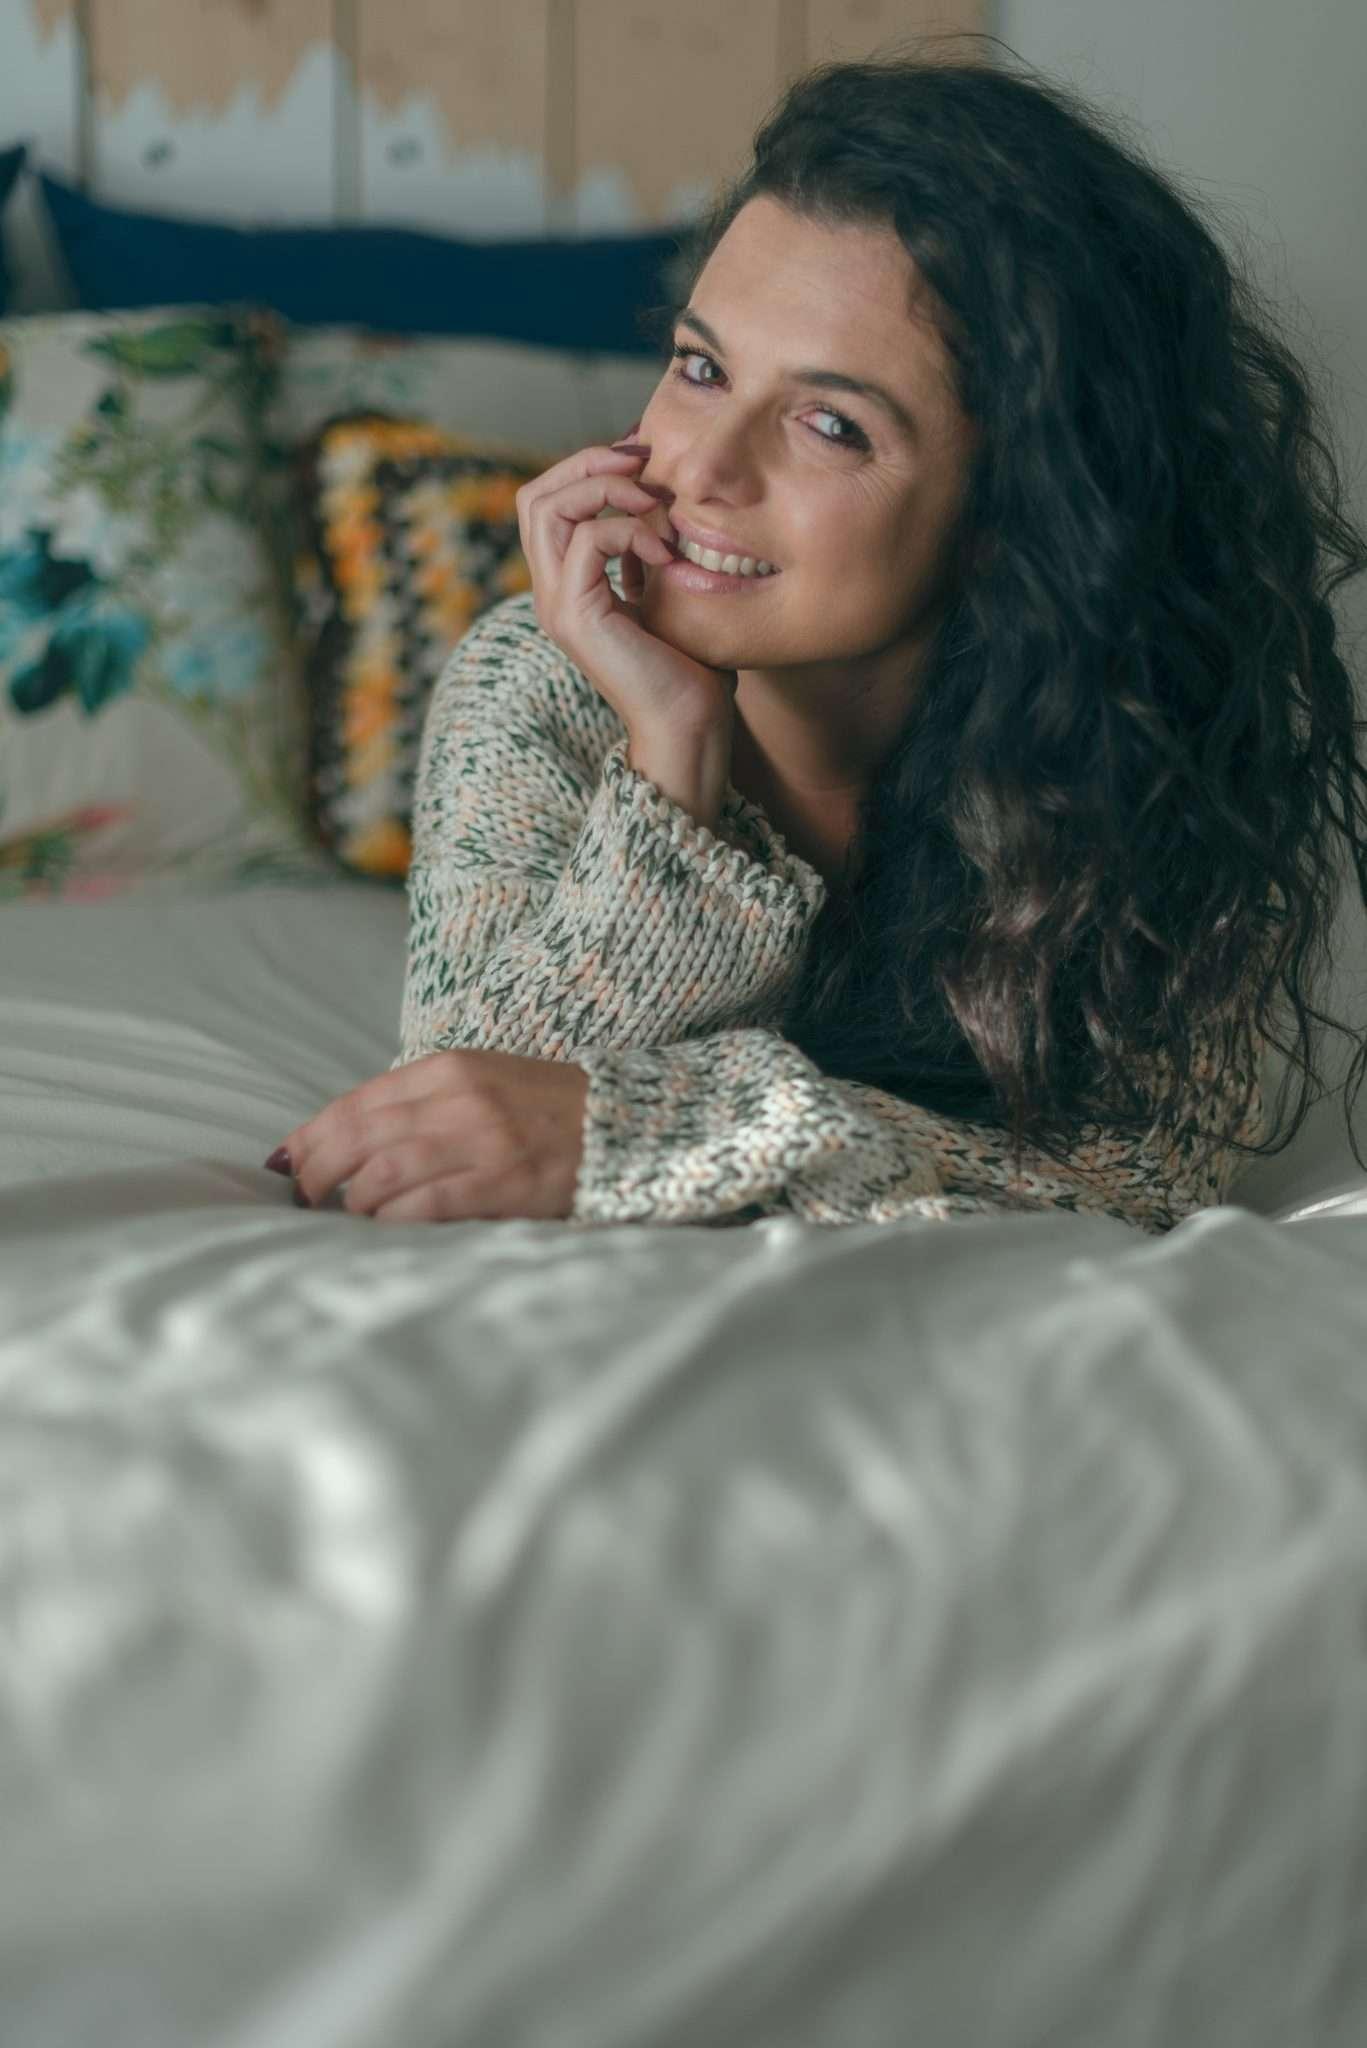 Fotografia portrait editorial bedroom realizzata da Barbara Trincone fotografa ritrattista professionista di Napoli, esegue servizi di creazione ed ampliamento lookbook per modelle/i e attori